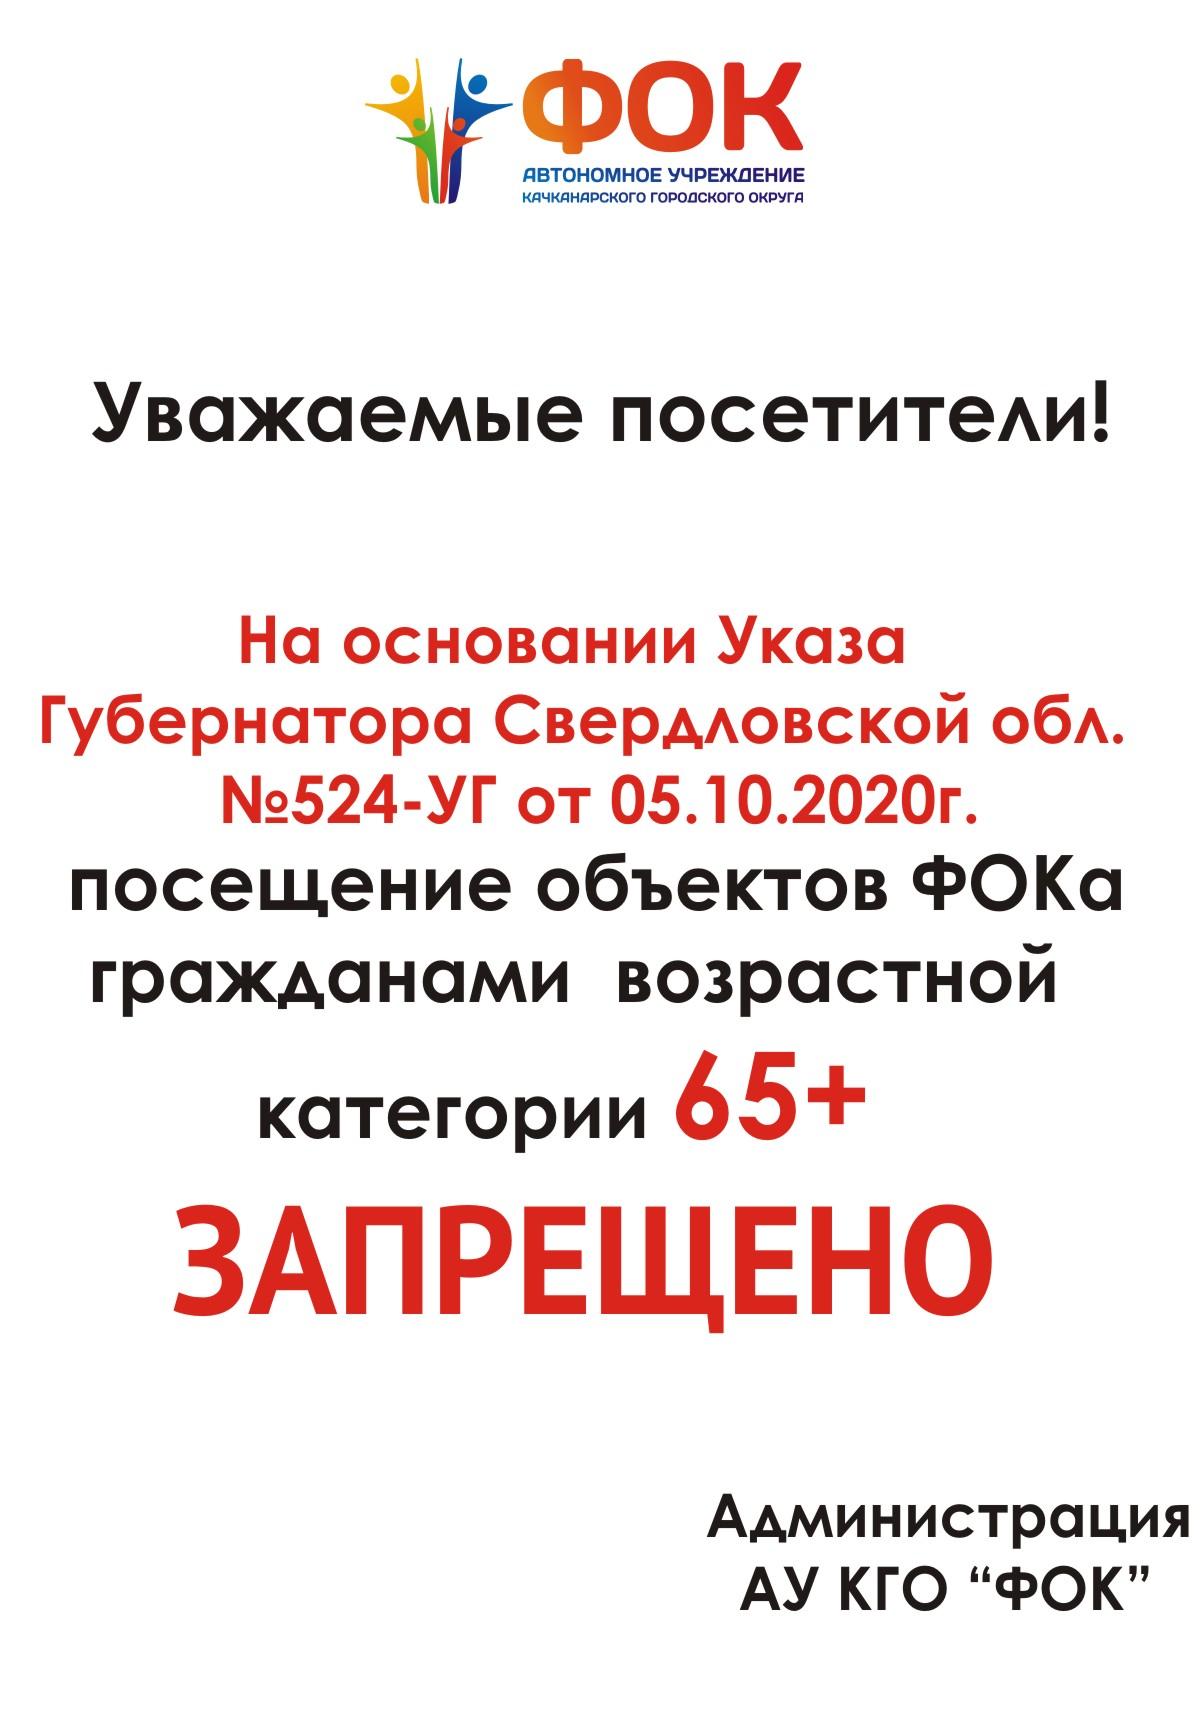 Запрещено посещать объекты ФОКа